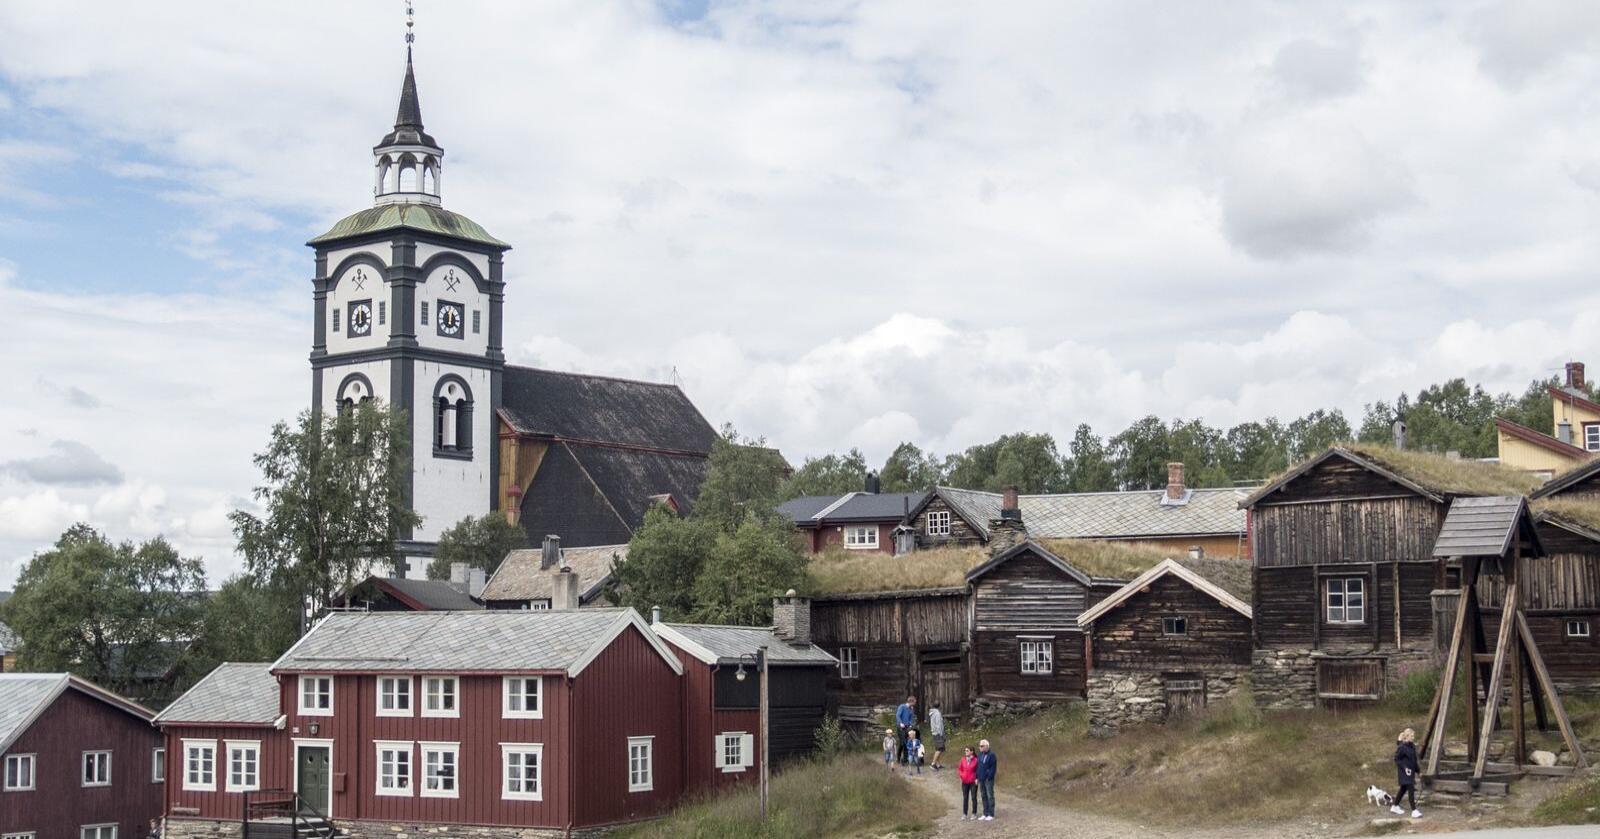 Ordføreren i Røros frykter en kommende konflikt mellom bygd og by. Foto: Paul Kleiven / NTB/ NPK